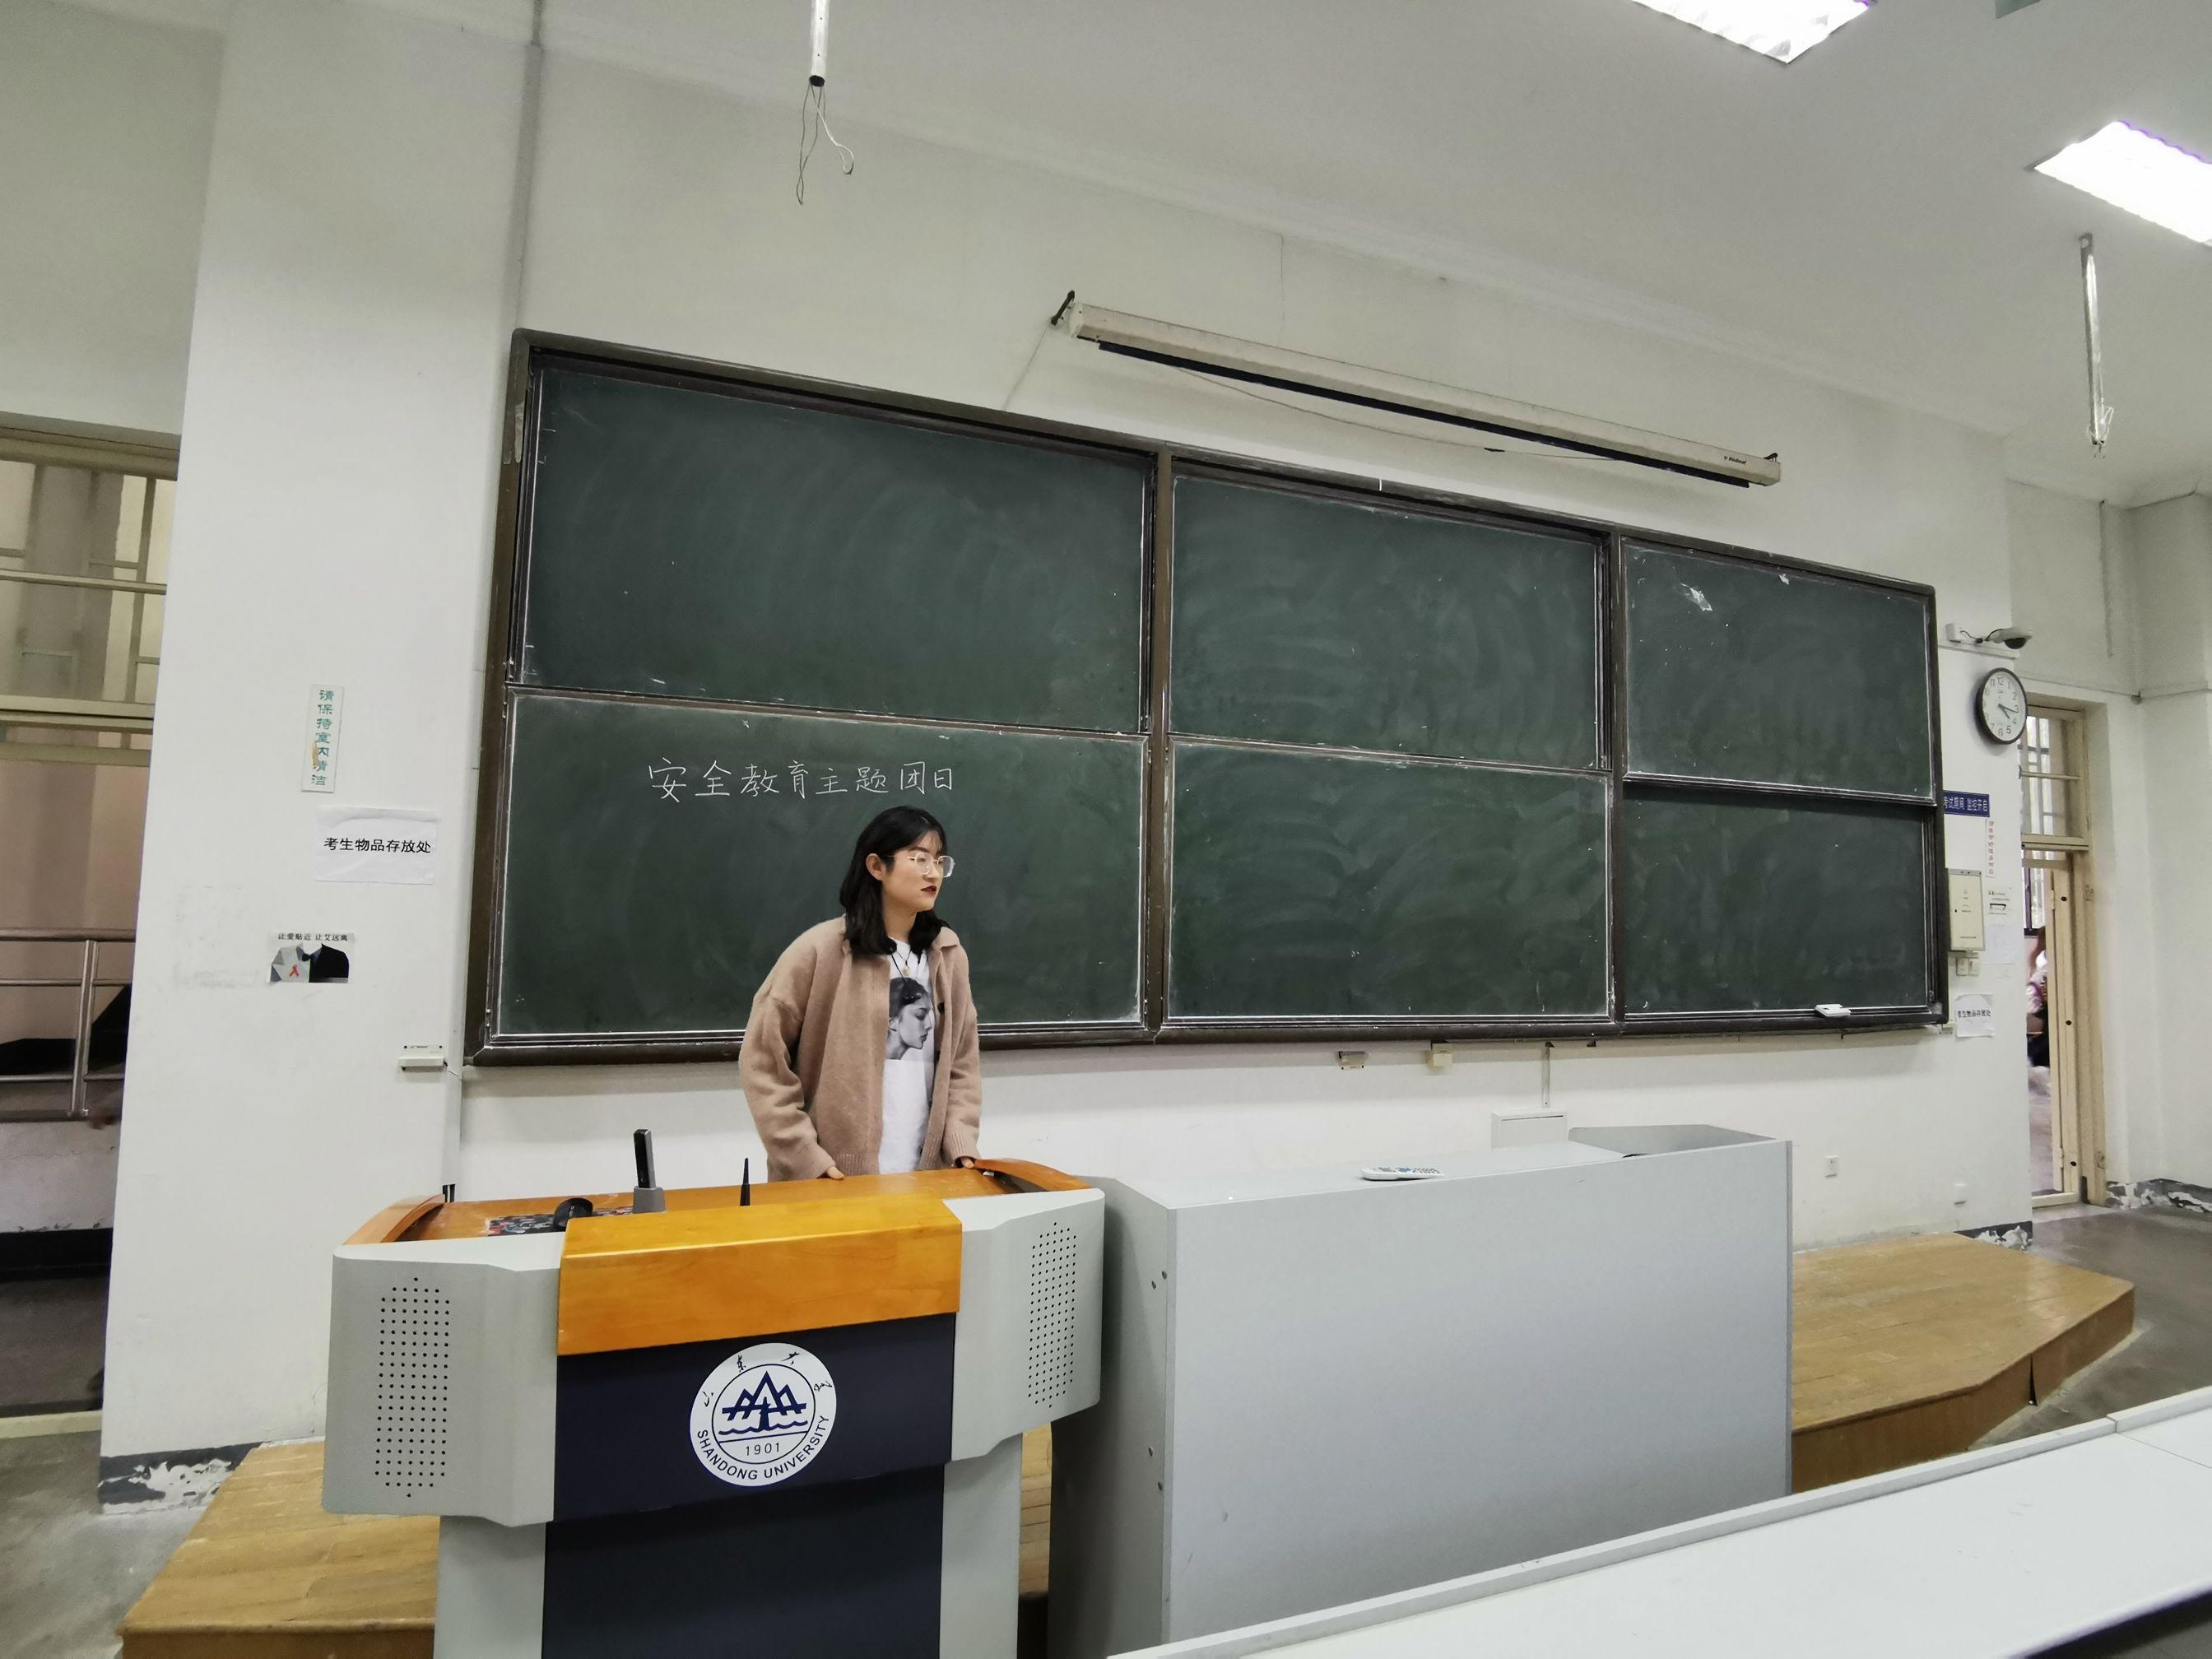 山东大学(威海)17统计二班开展安全主题教育团日活动